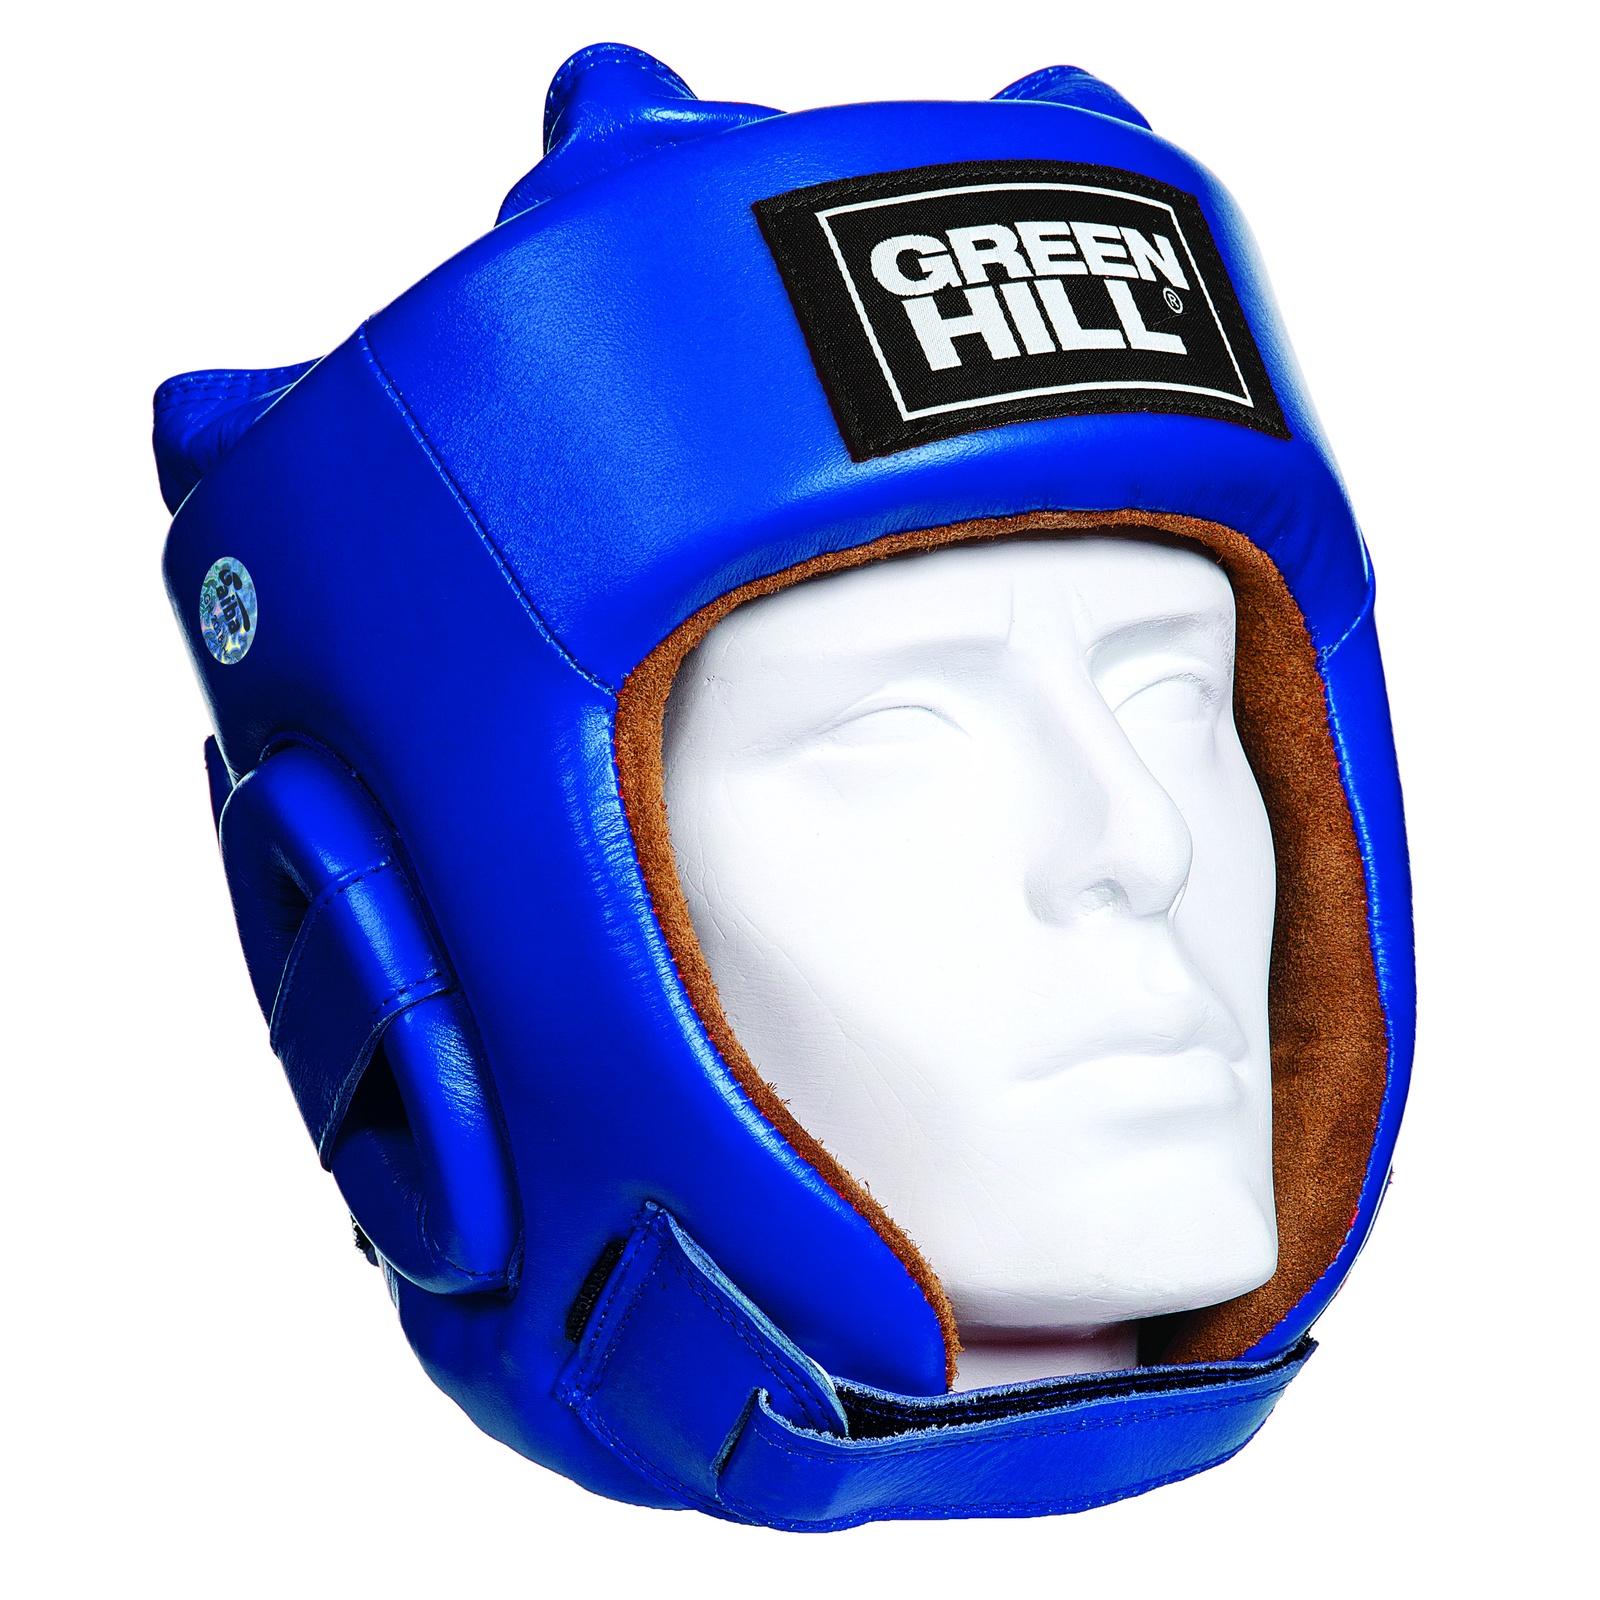 Шлем боксерский FIVE STAR одобренный AIBA, цвет синий, размер XL, HGF-4012_BU_4 все цены